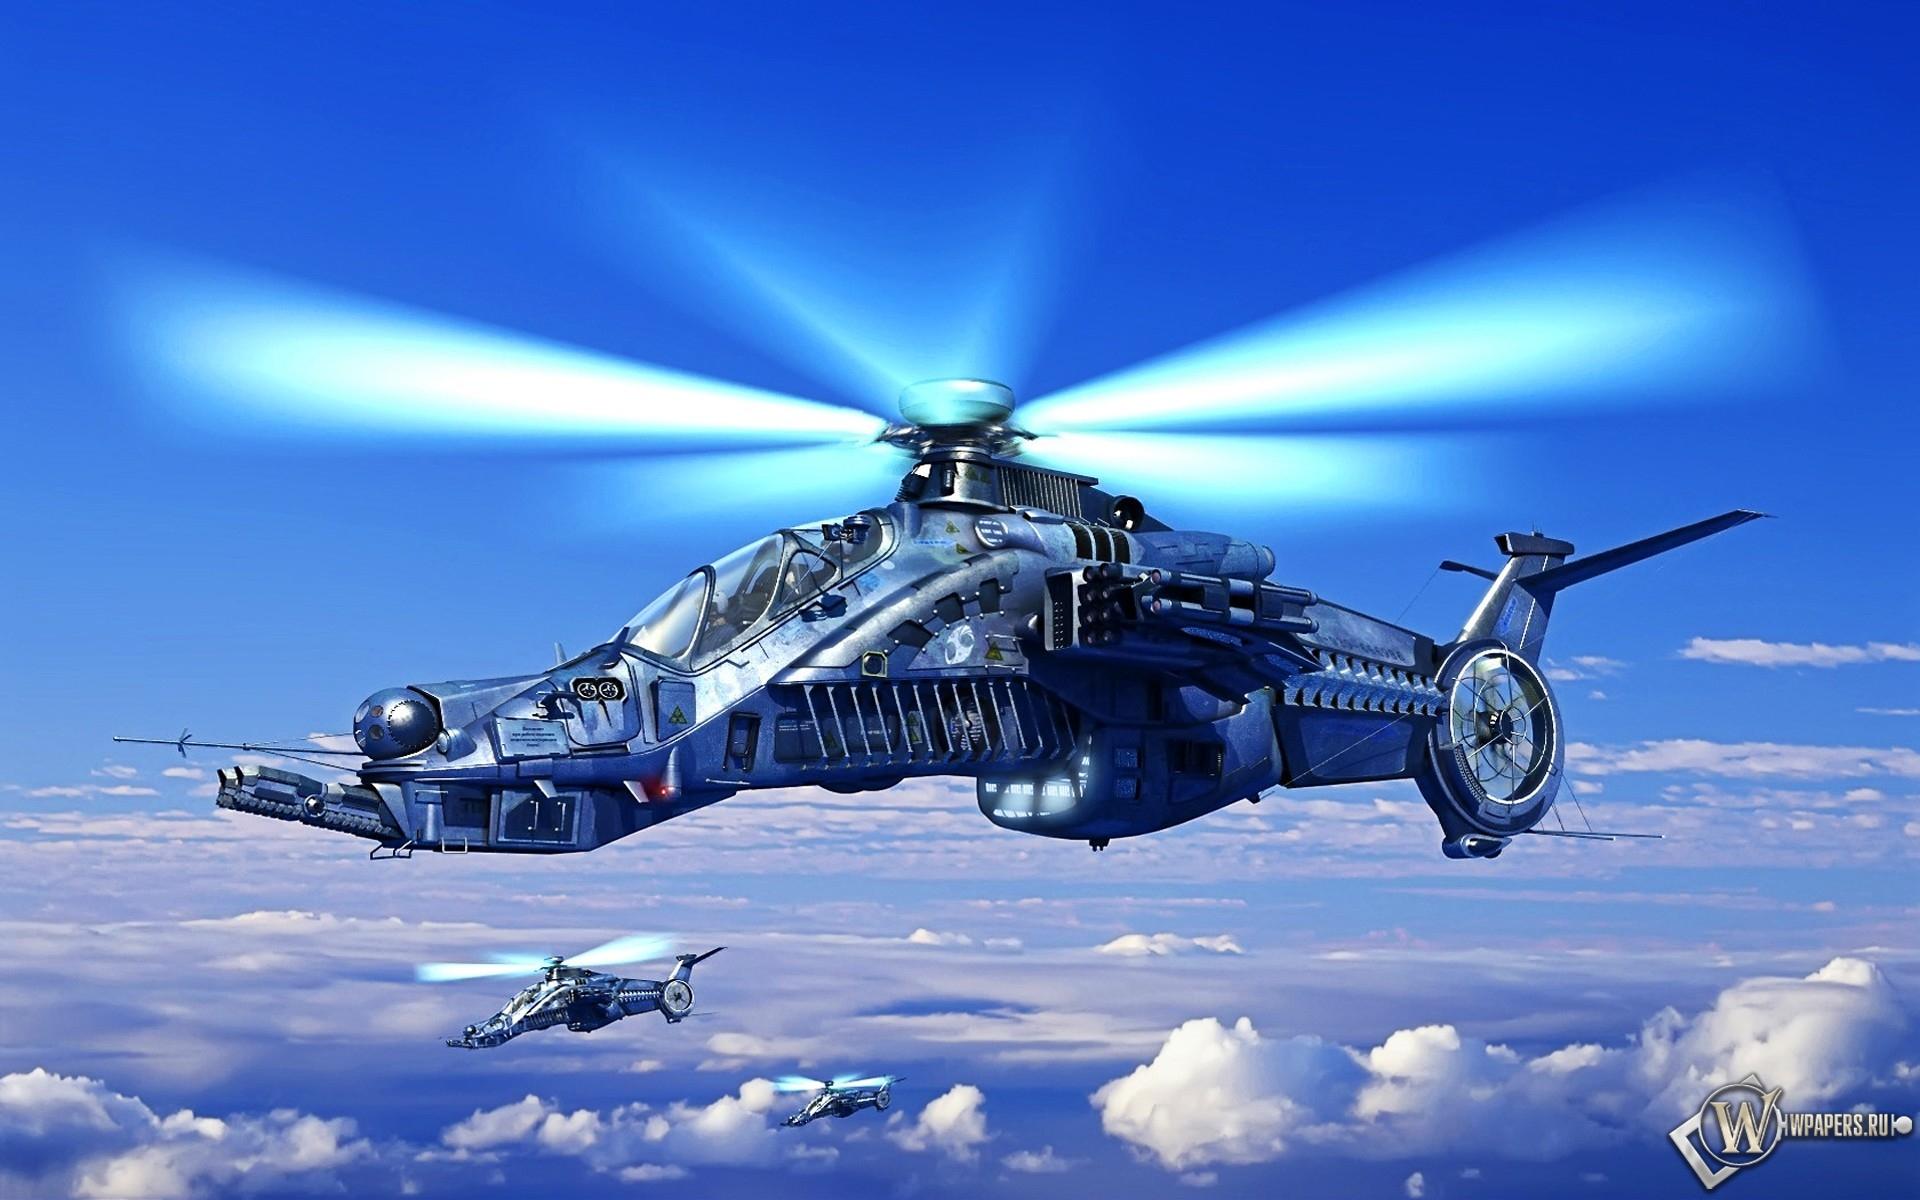 Вертолет будующего 1920x1200